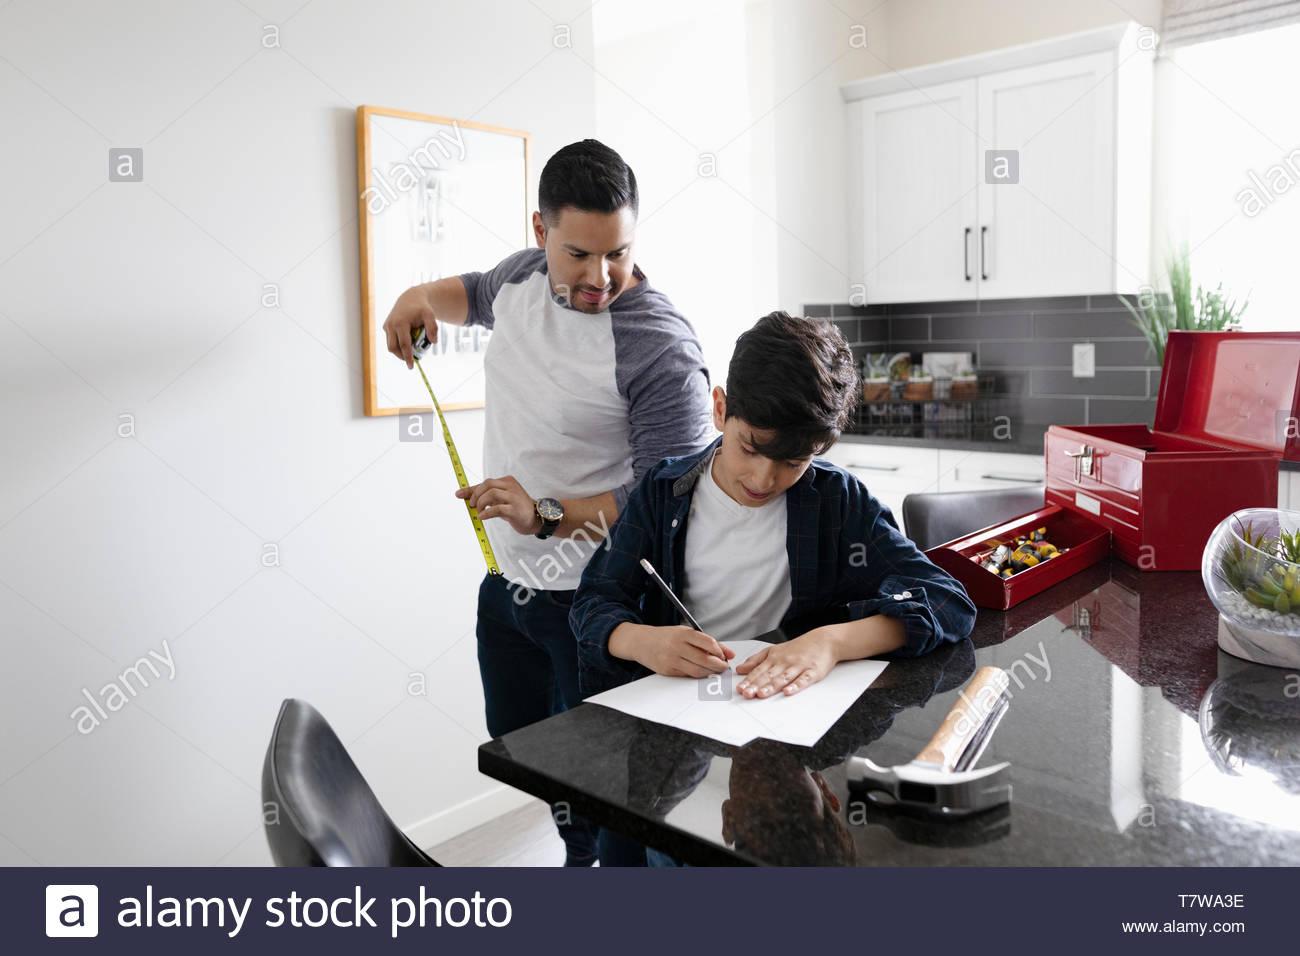 Père et fils cadre photo suspendu dans la cuisine Photo Stock